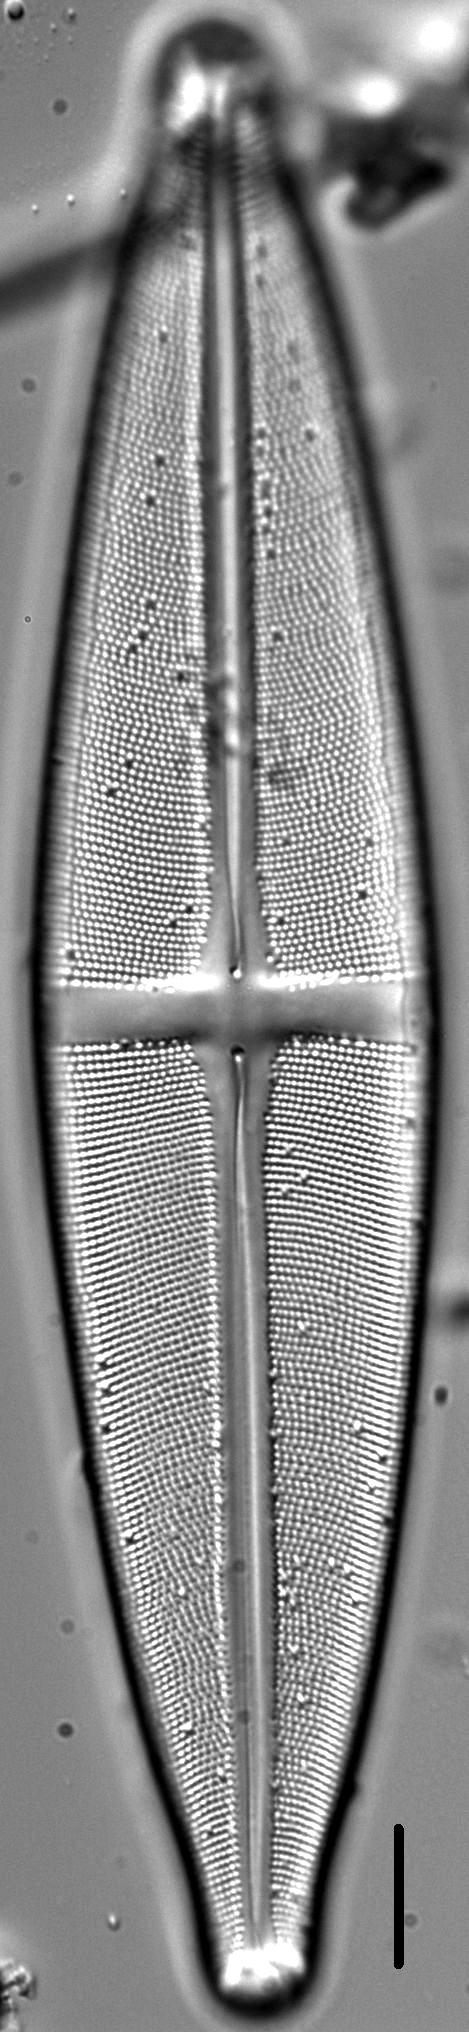 Stauroneis submarginalis LM5